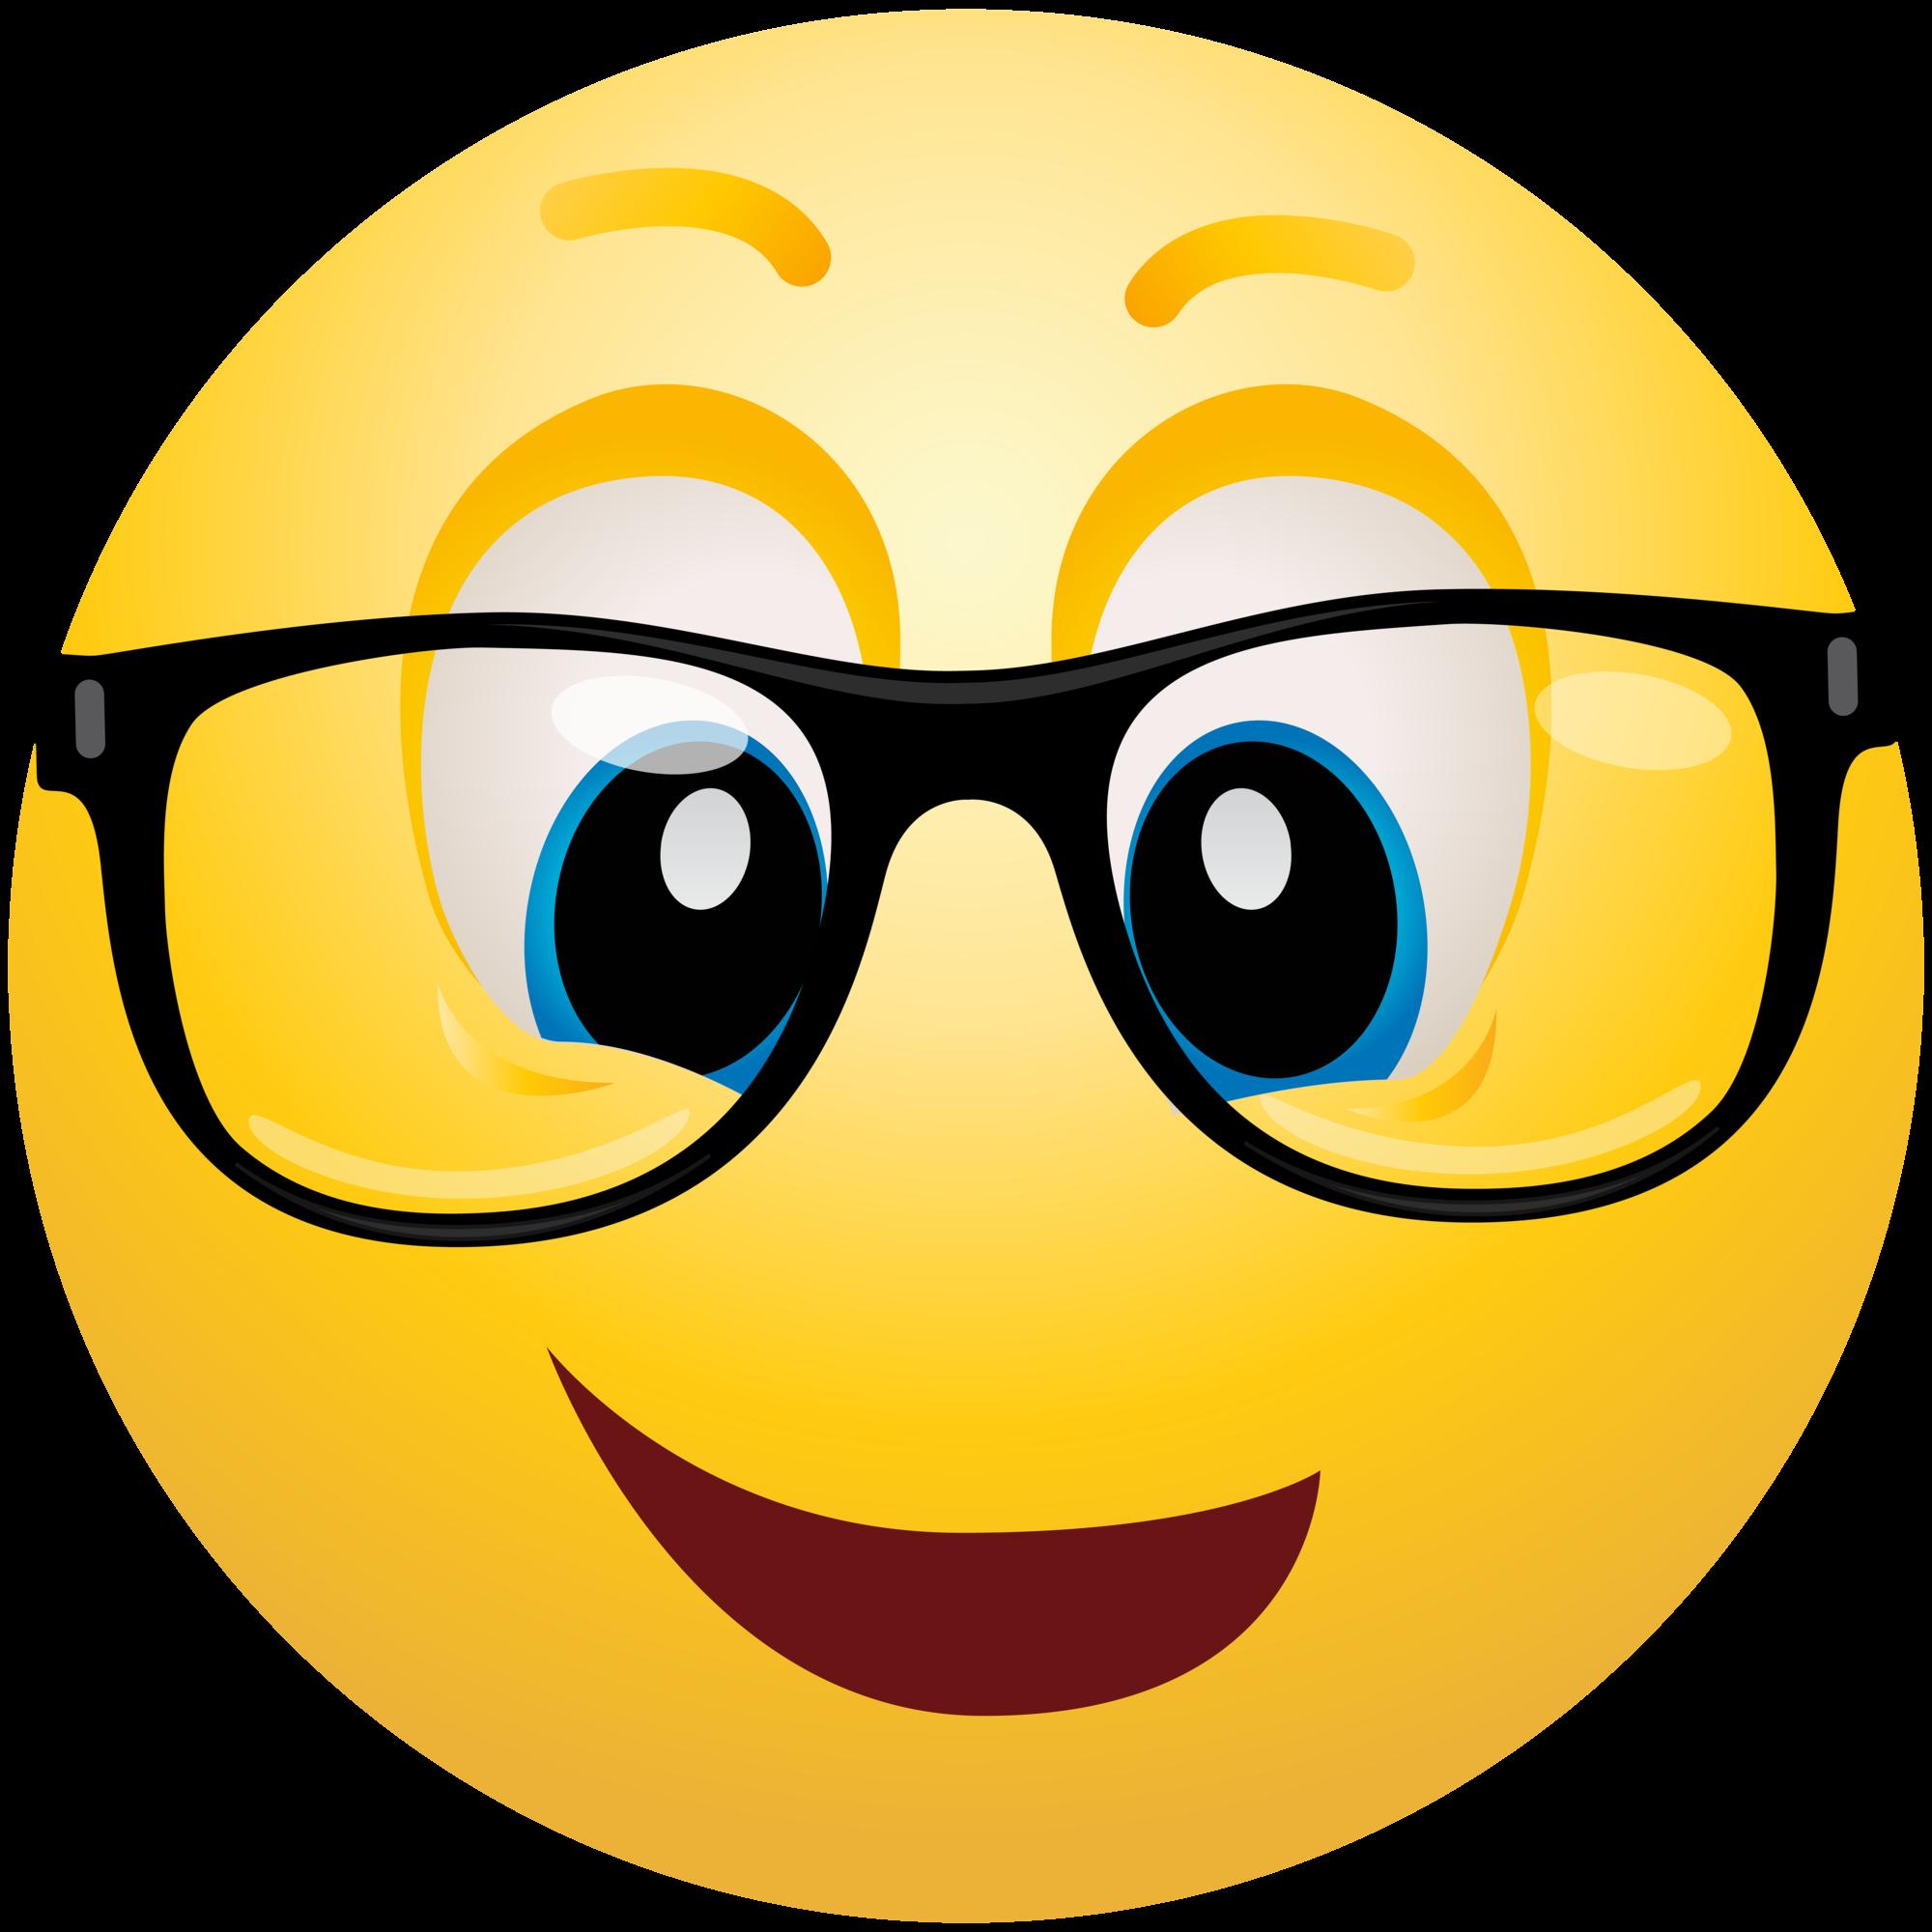 Geek Emoticon Emoji Clipart Info